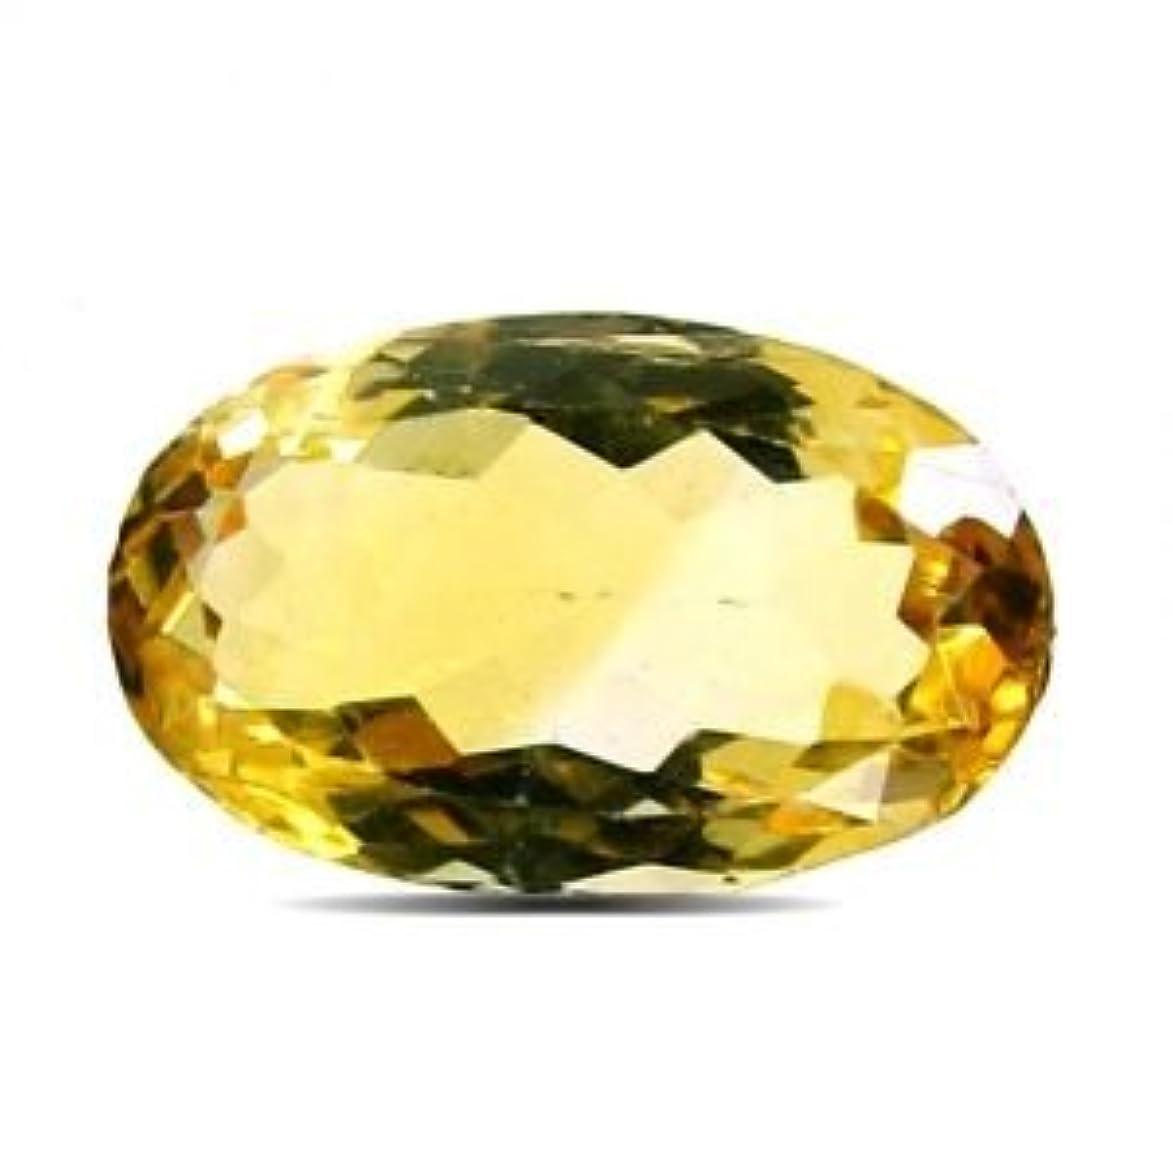 シトリン原石Certified Natural sunelaストーン9.6カラットby gemselect